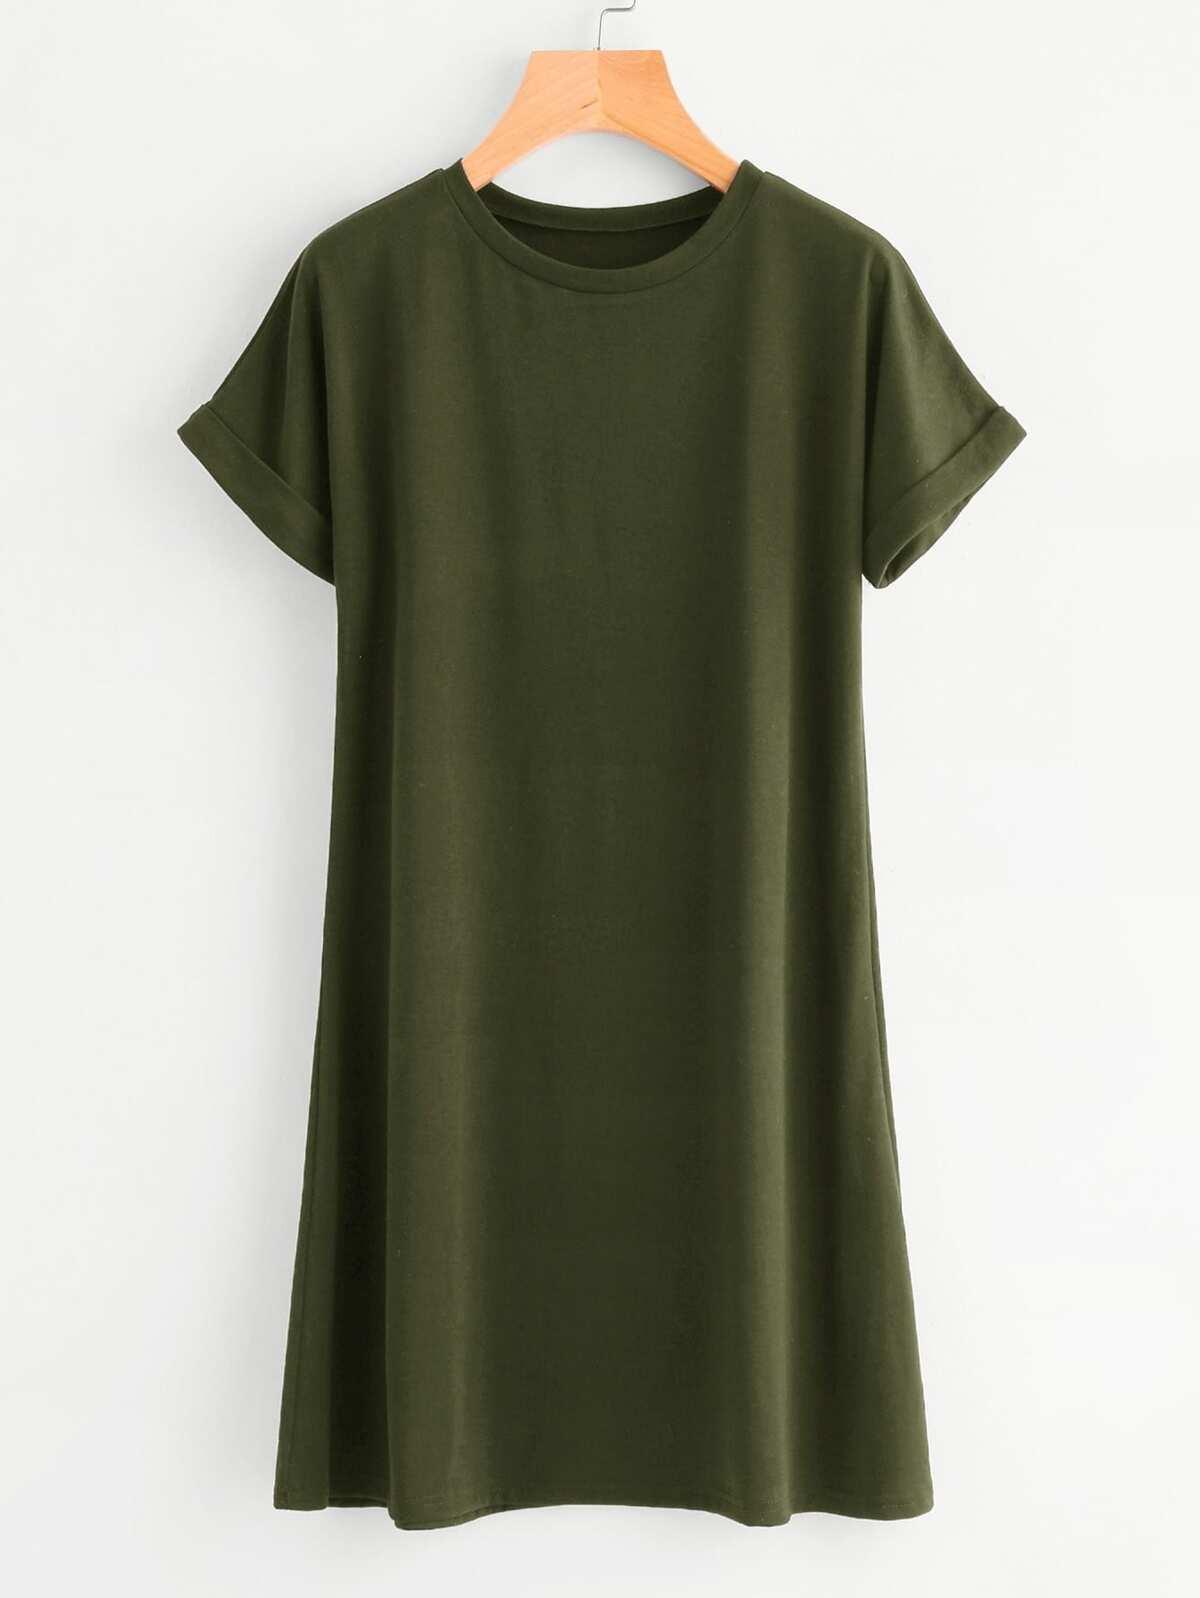 捲袖 基本 T卹 洋裝